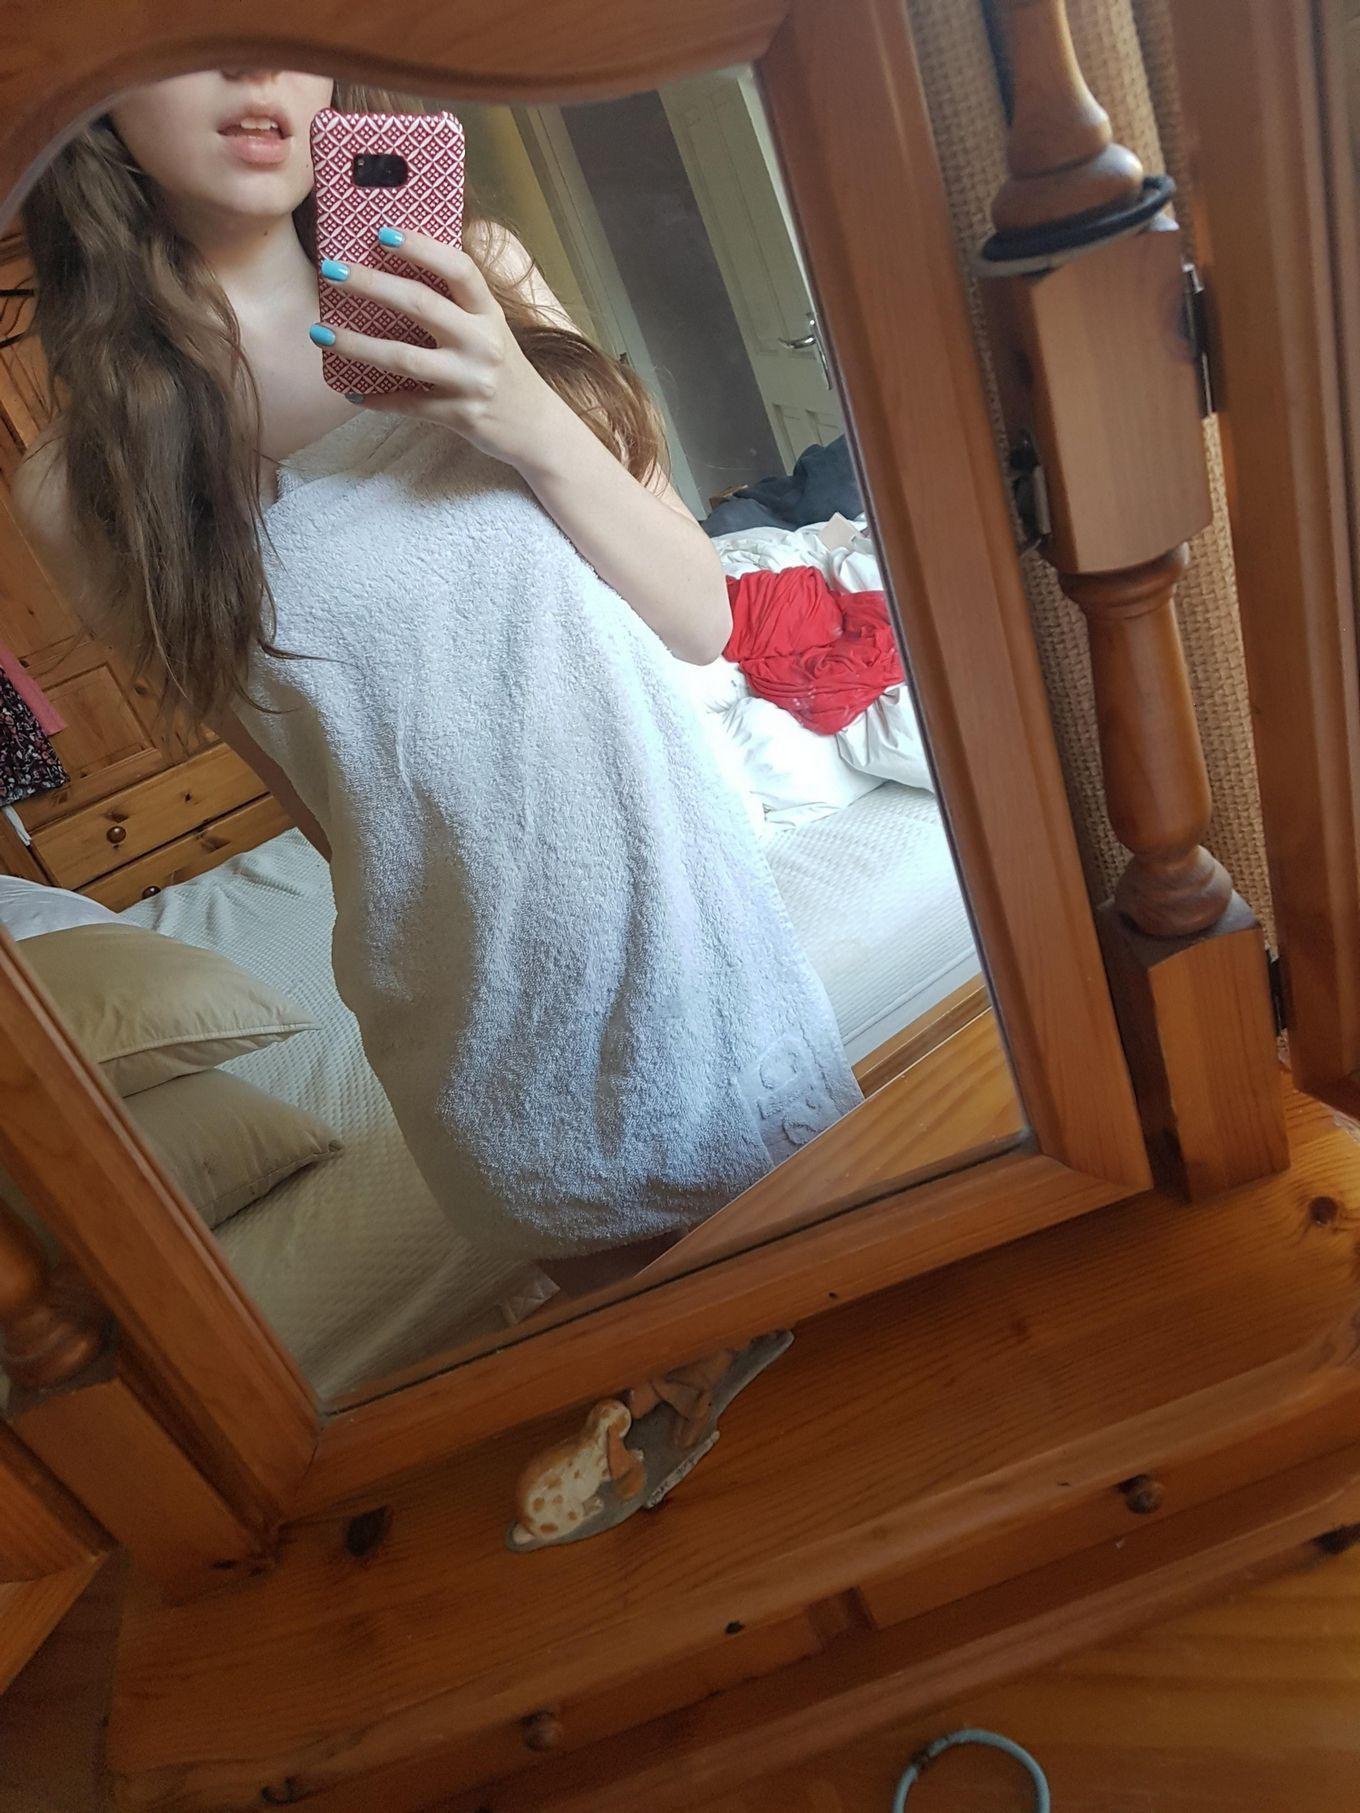 Эротические селфи стройной американки с натуральными сиськами 3 размера